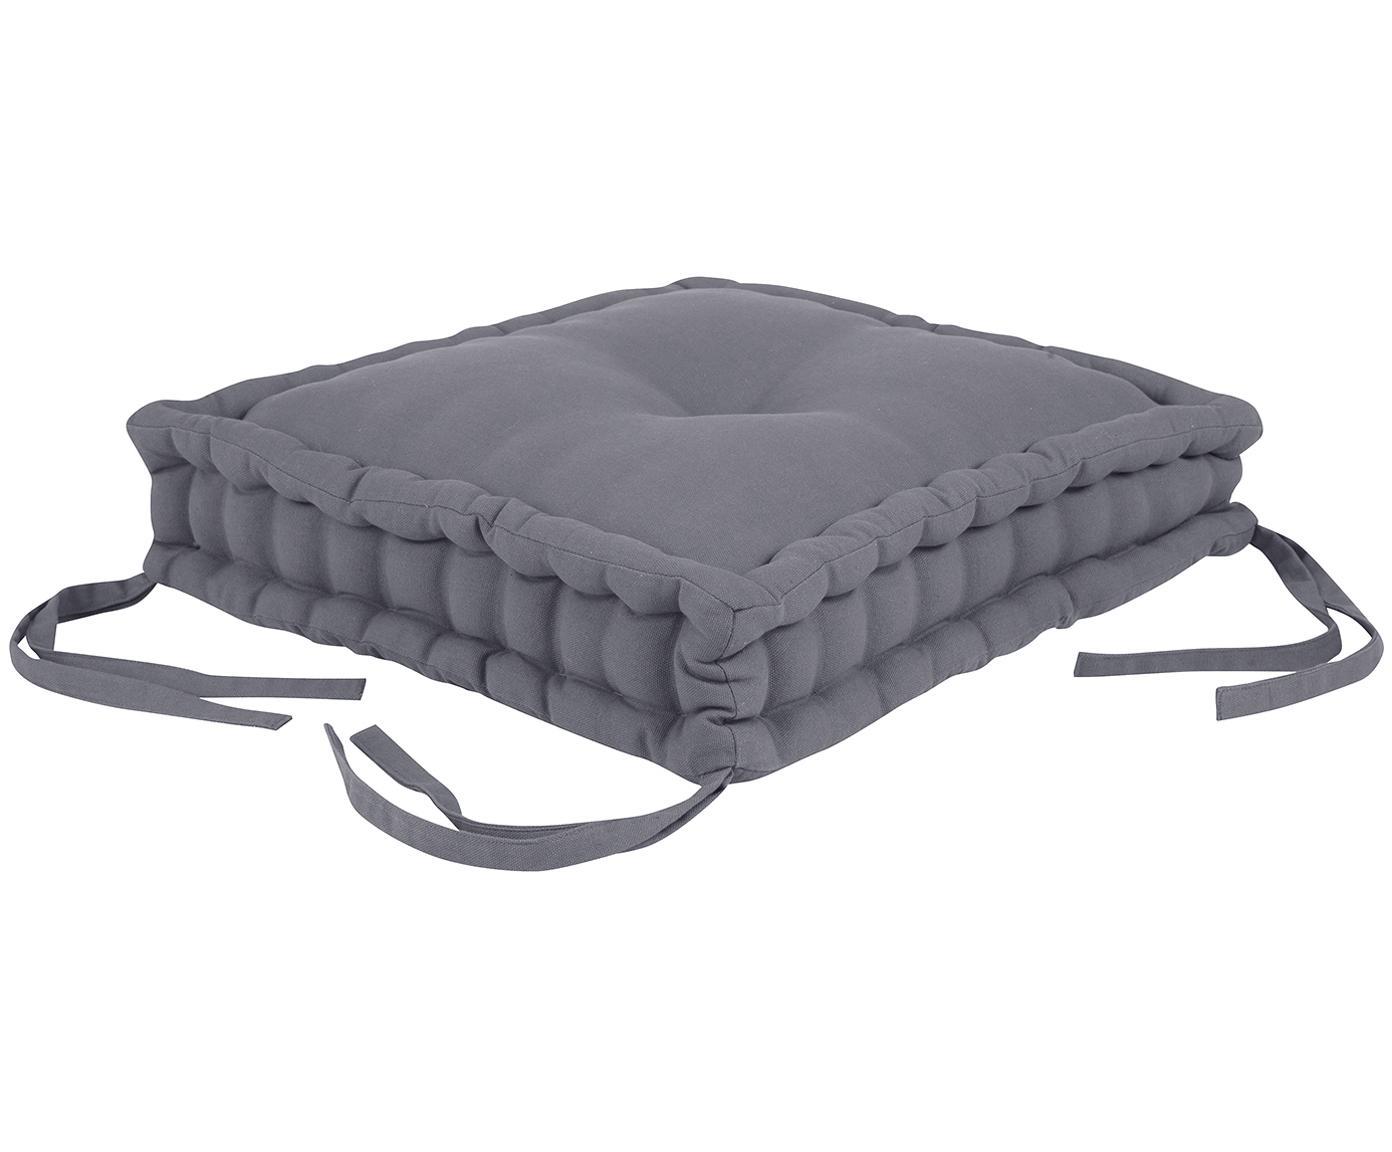 Cuscino sedia Kiara, Grigio scuro, Larg. 45 x Lung. 45 cm